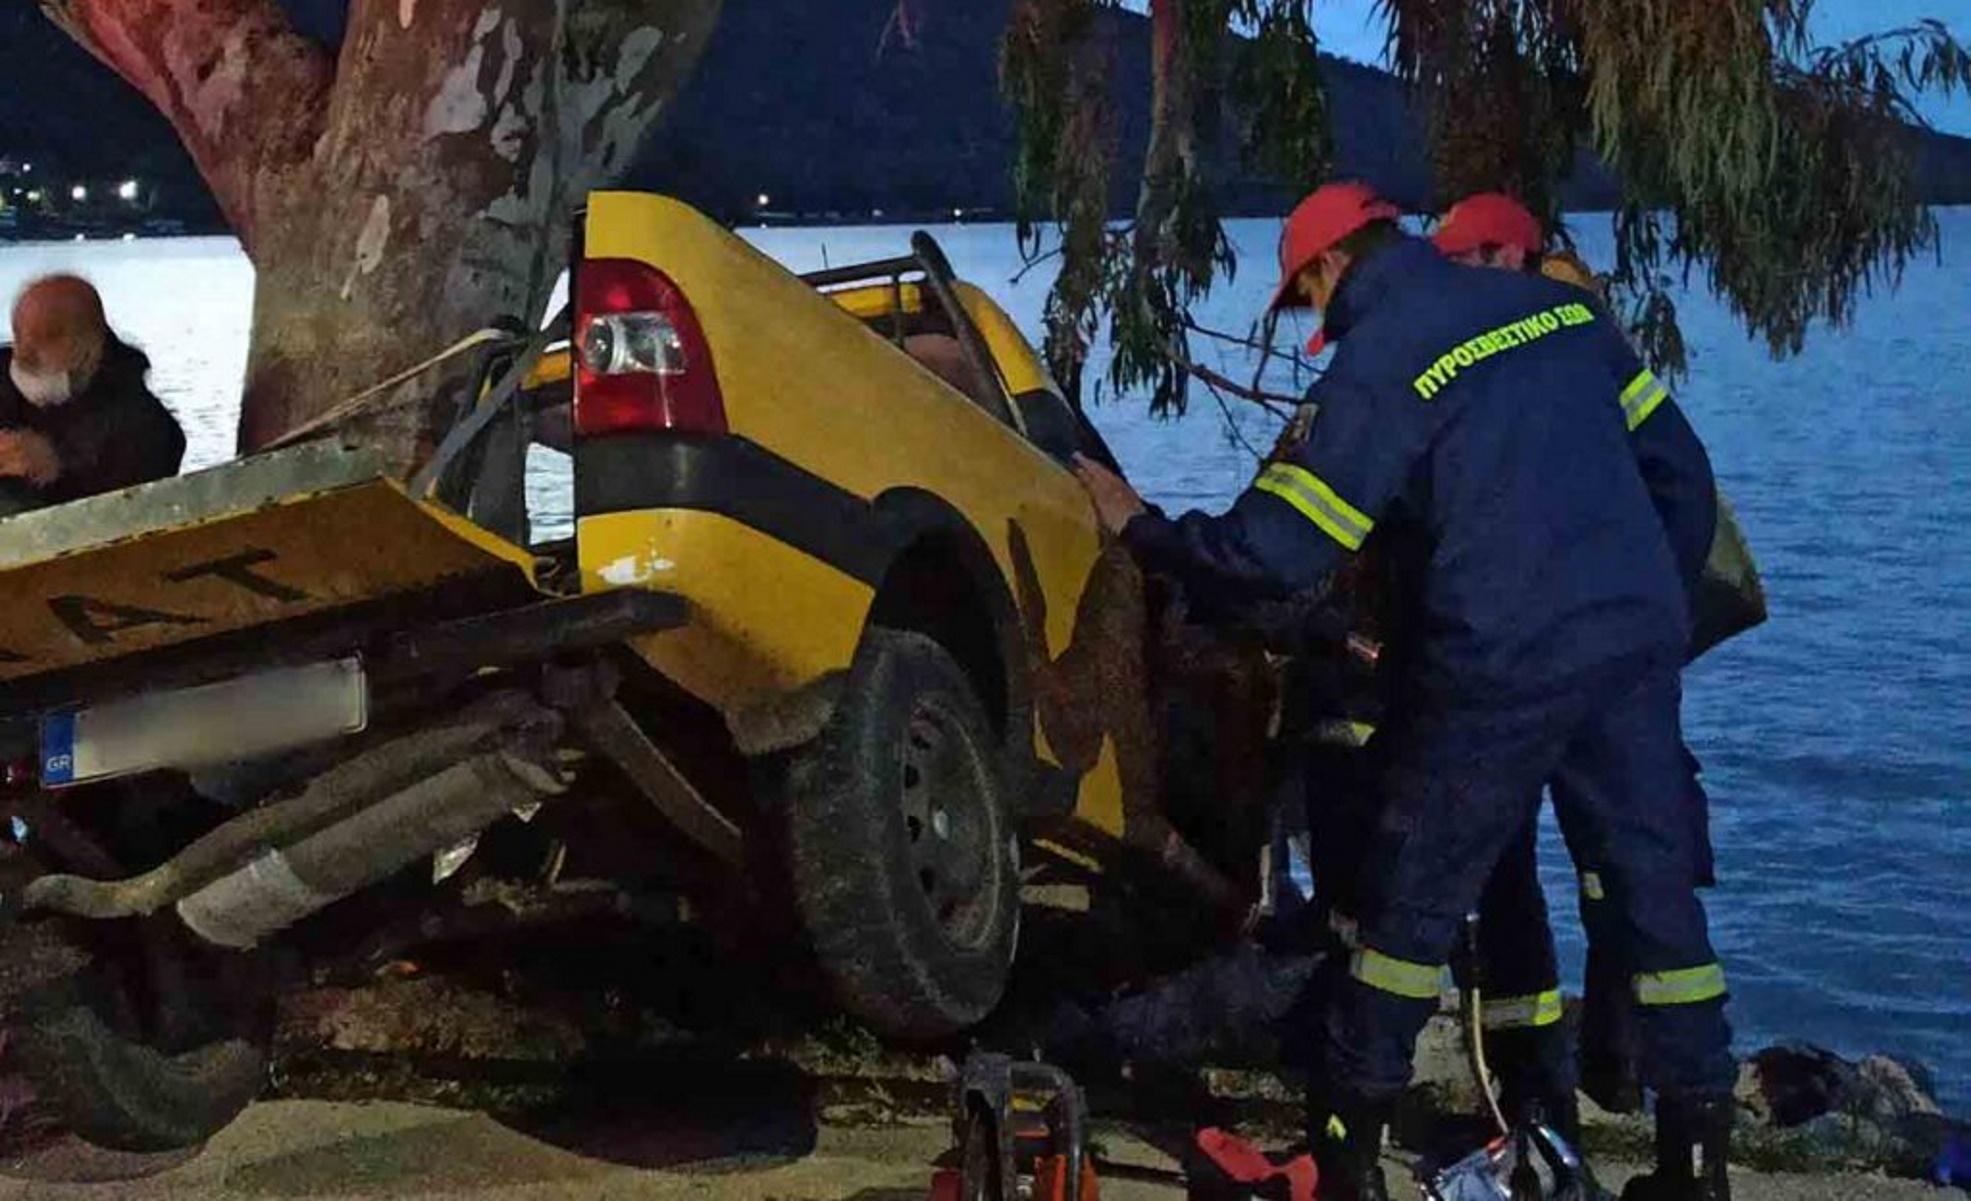 Αμφιλοχία: Αυτοκίνητο «καρφώθηκε» σε δέντρο – Νεκρός ο οδηγός (pics)